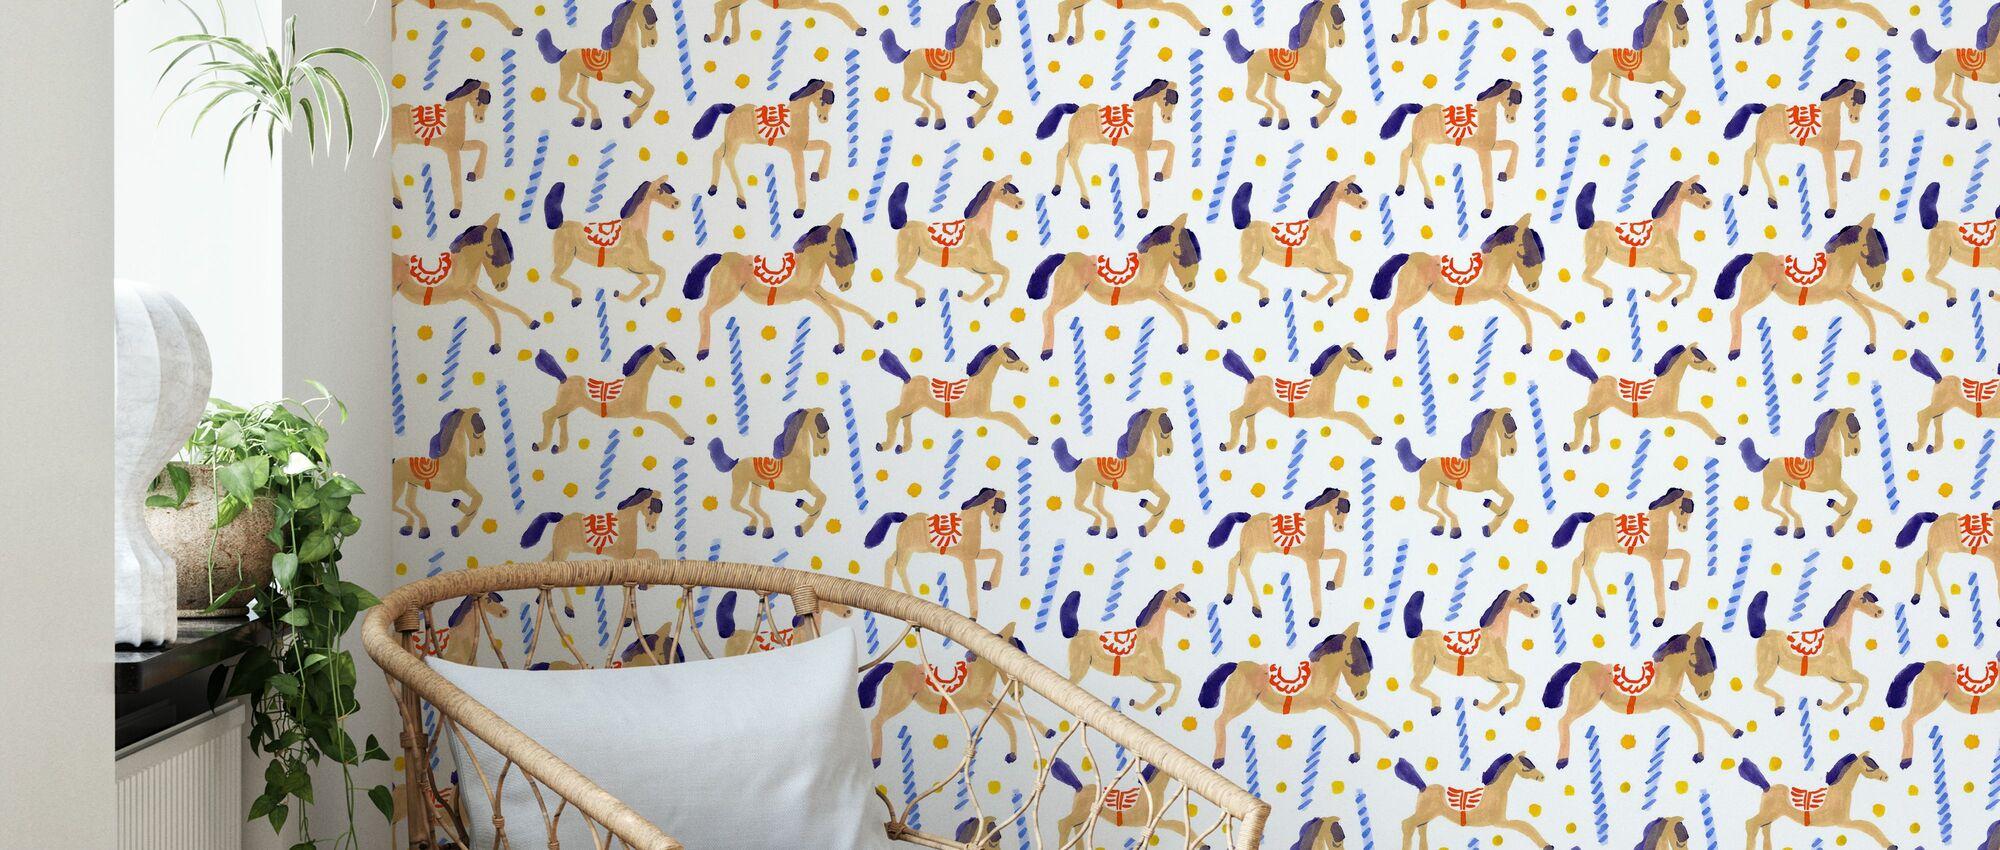 Carousel - Wallpaper - Living Room